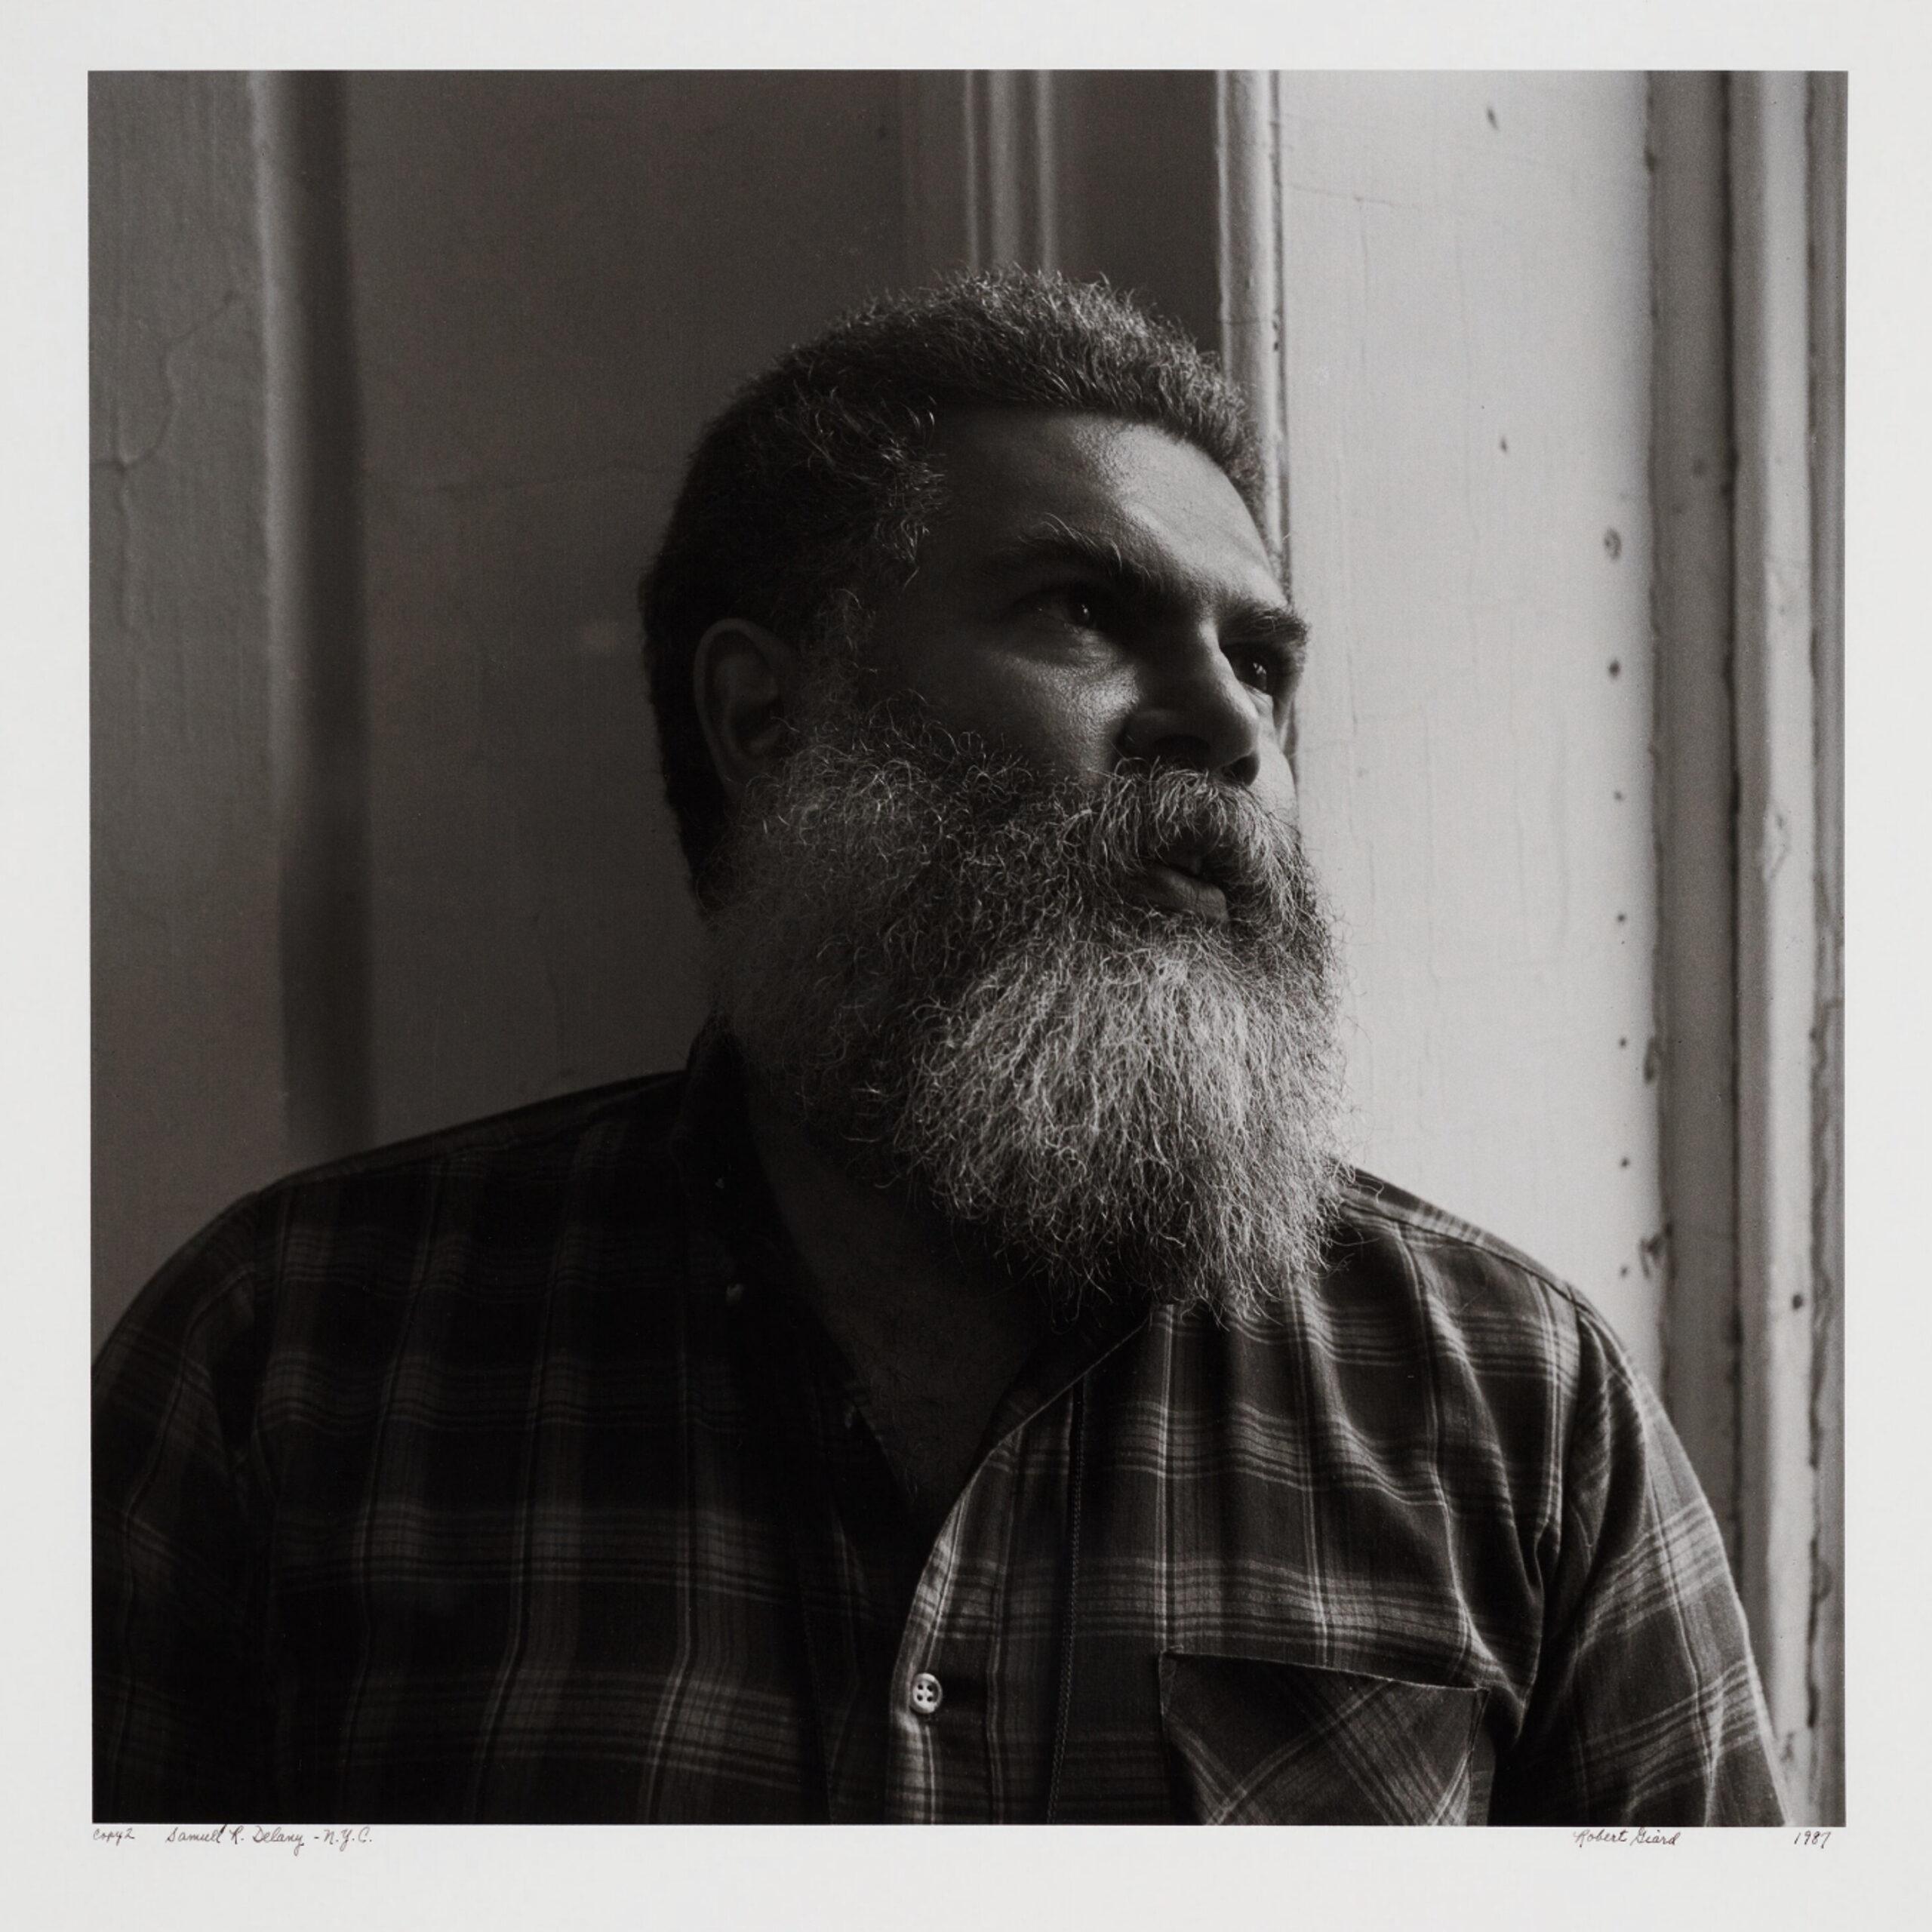 Samuel R. Delany, 1987